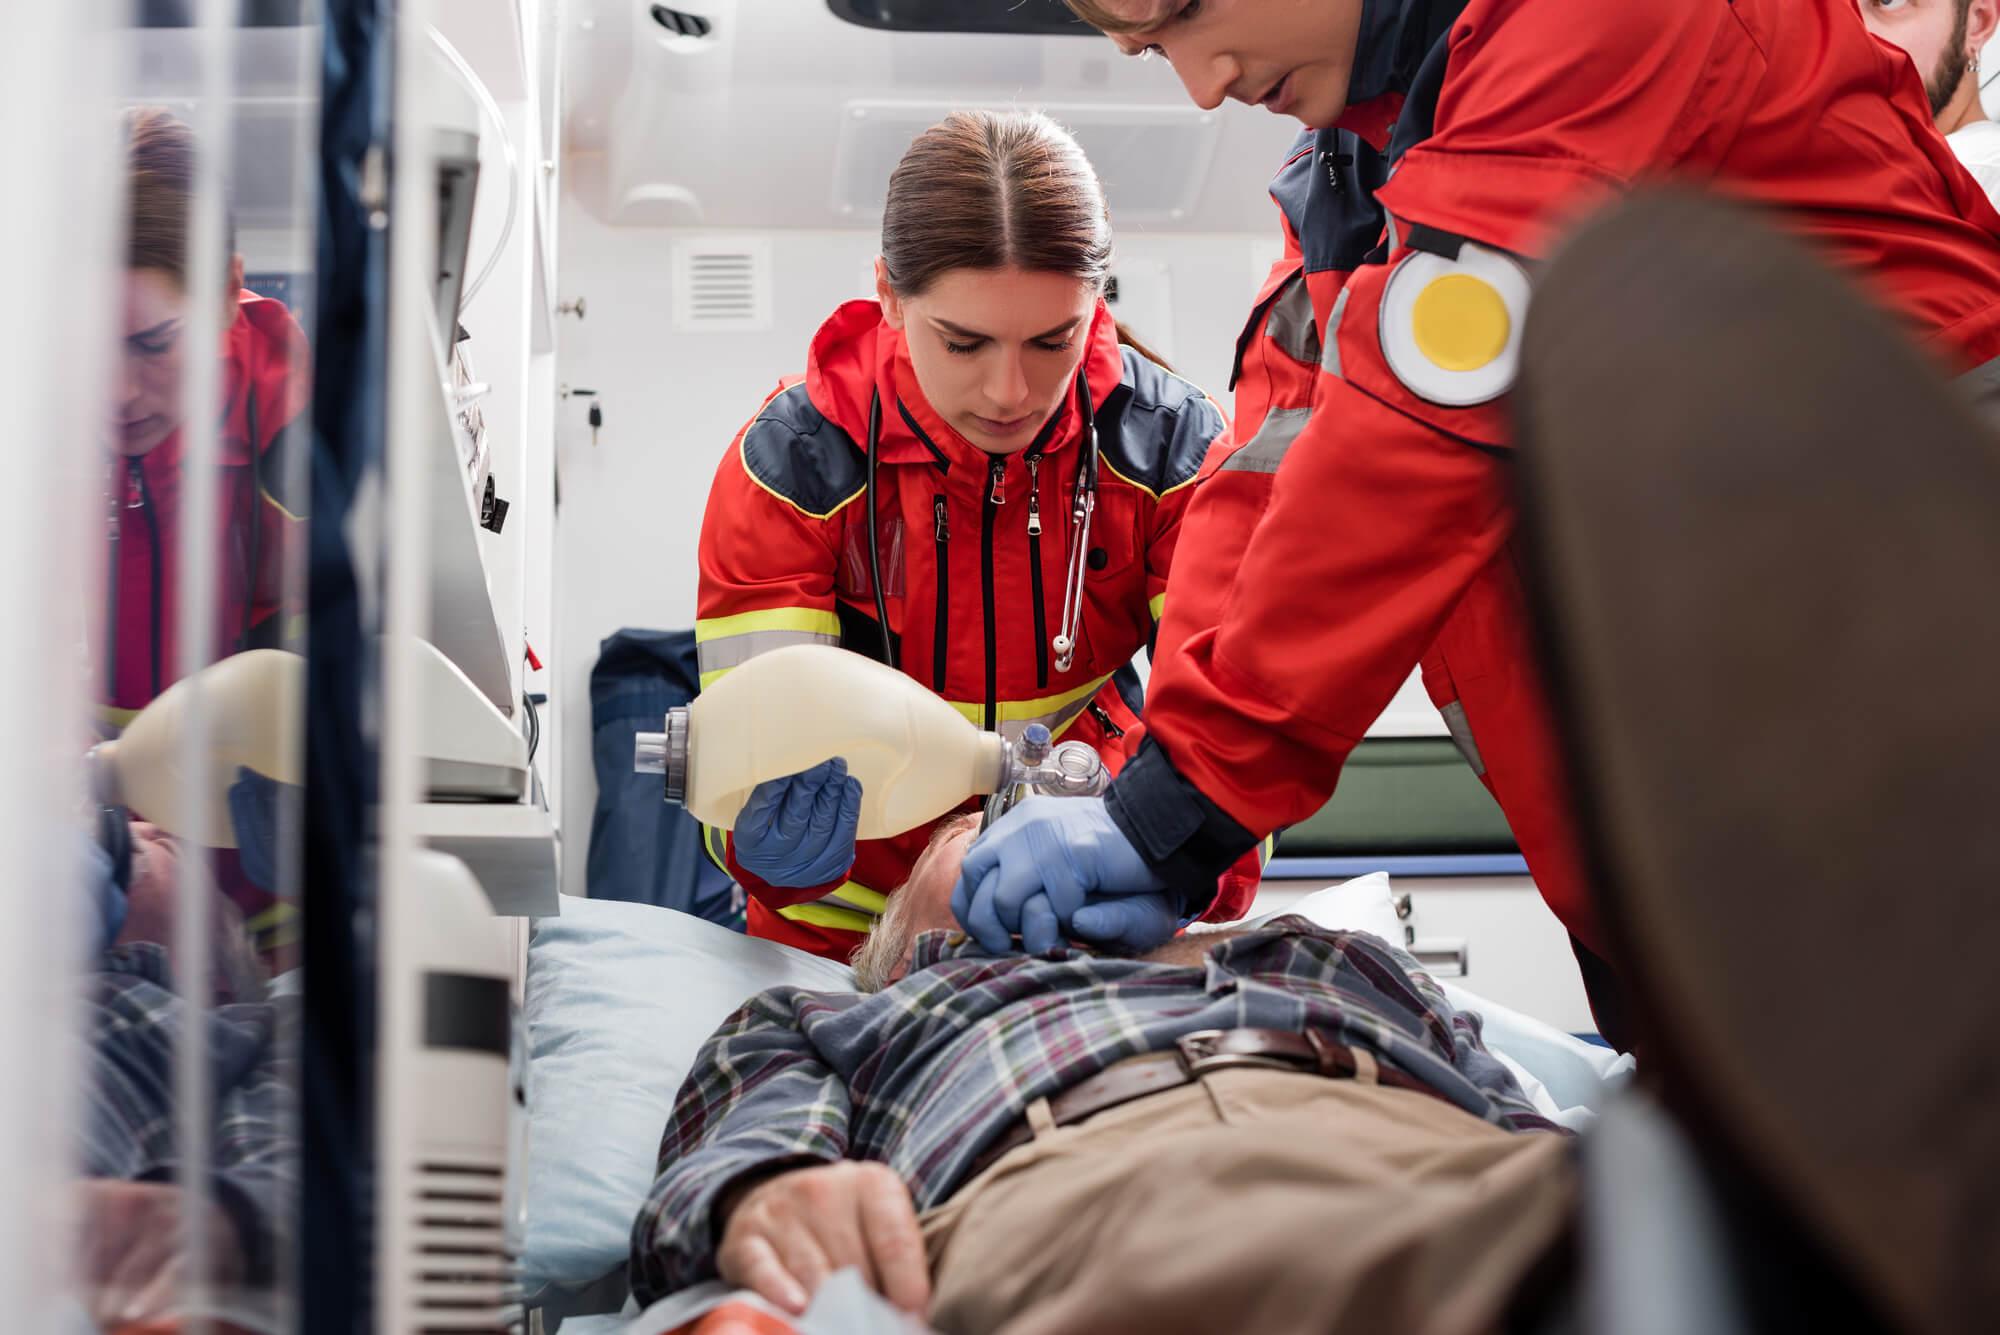 Реформу системи охорони здоров'я України потрібно продовжити